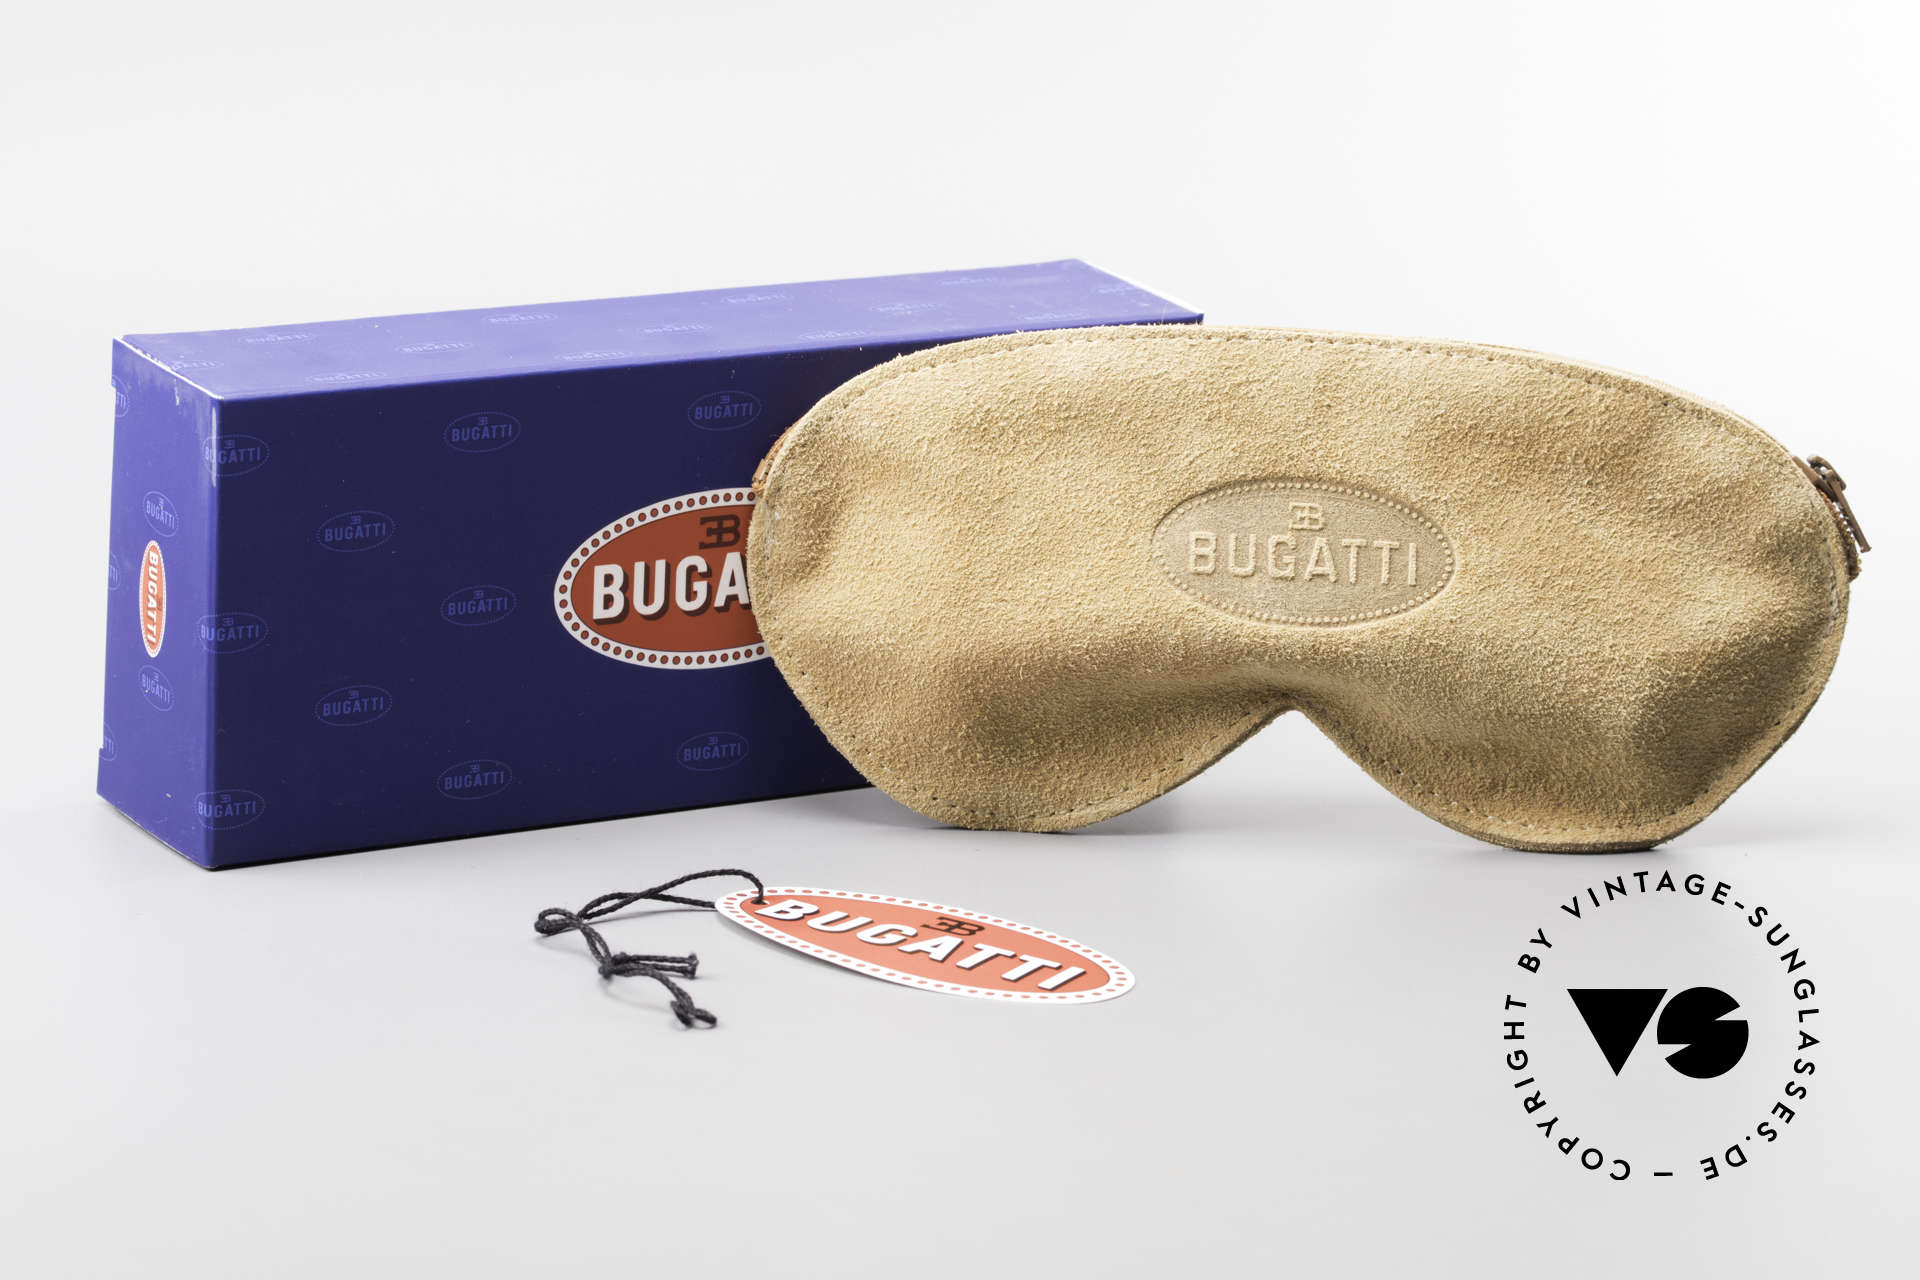 Bugatti 26540 Men's 90's Luxury Eyeglasses, Size: medium, Made for Men